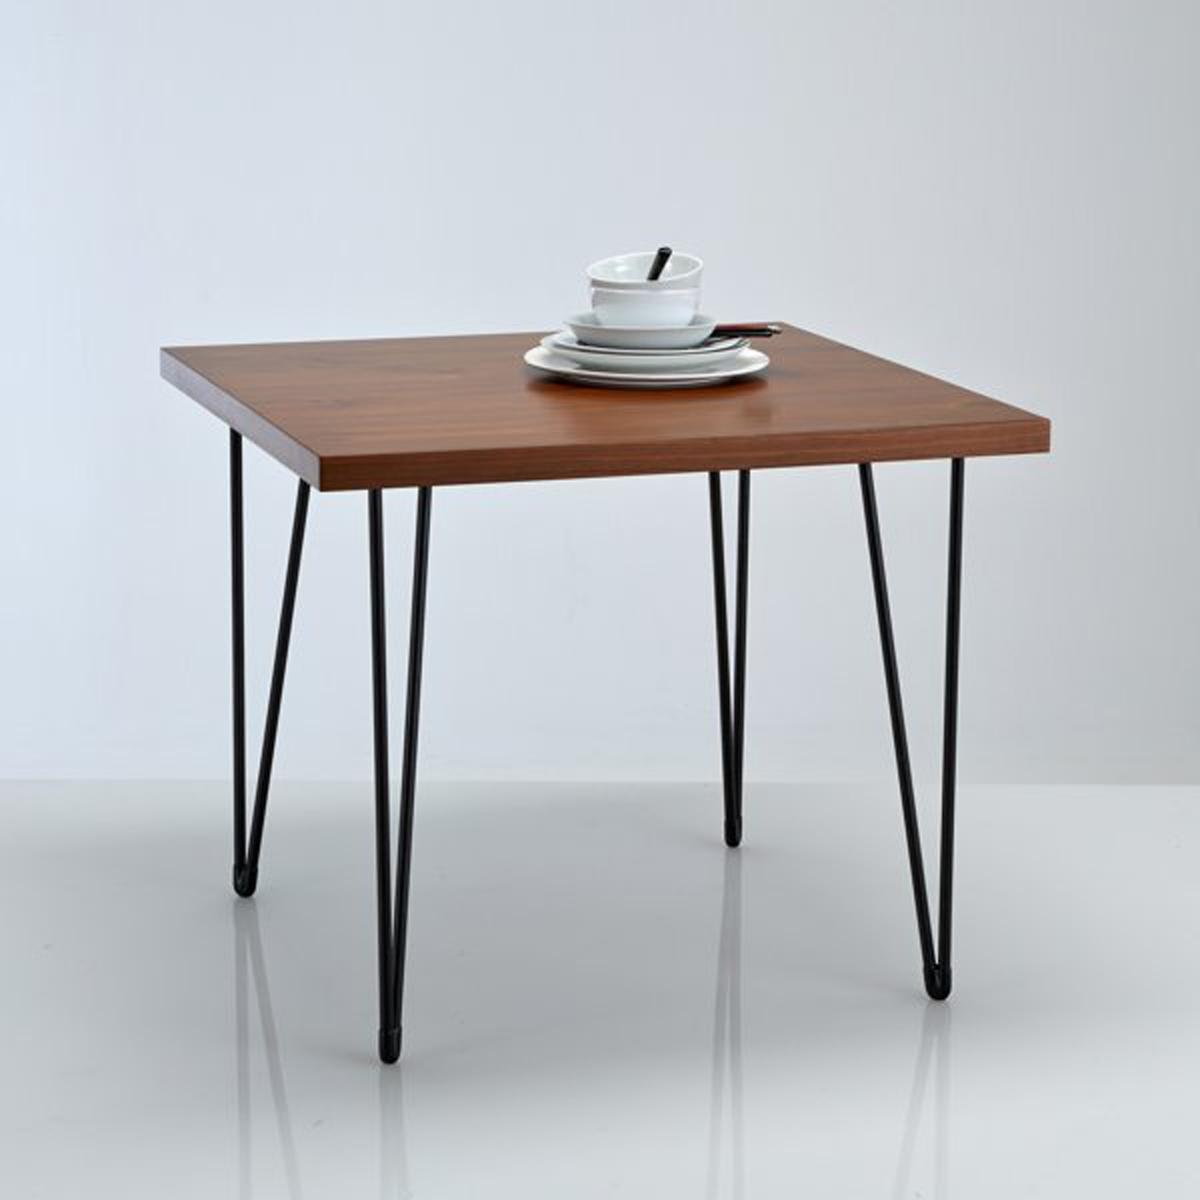 Стол обеденный квадратный в винтажном стиле, Watford